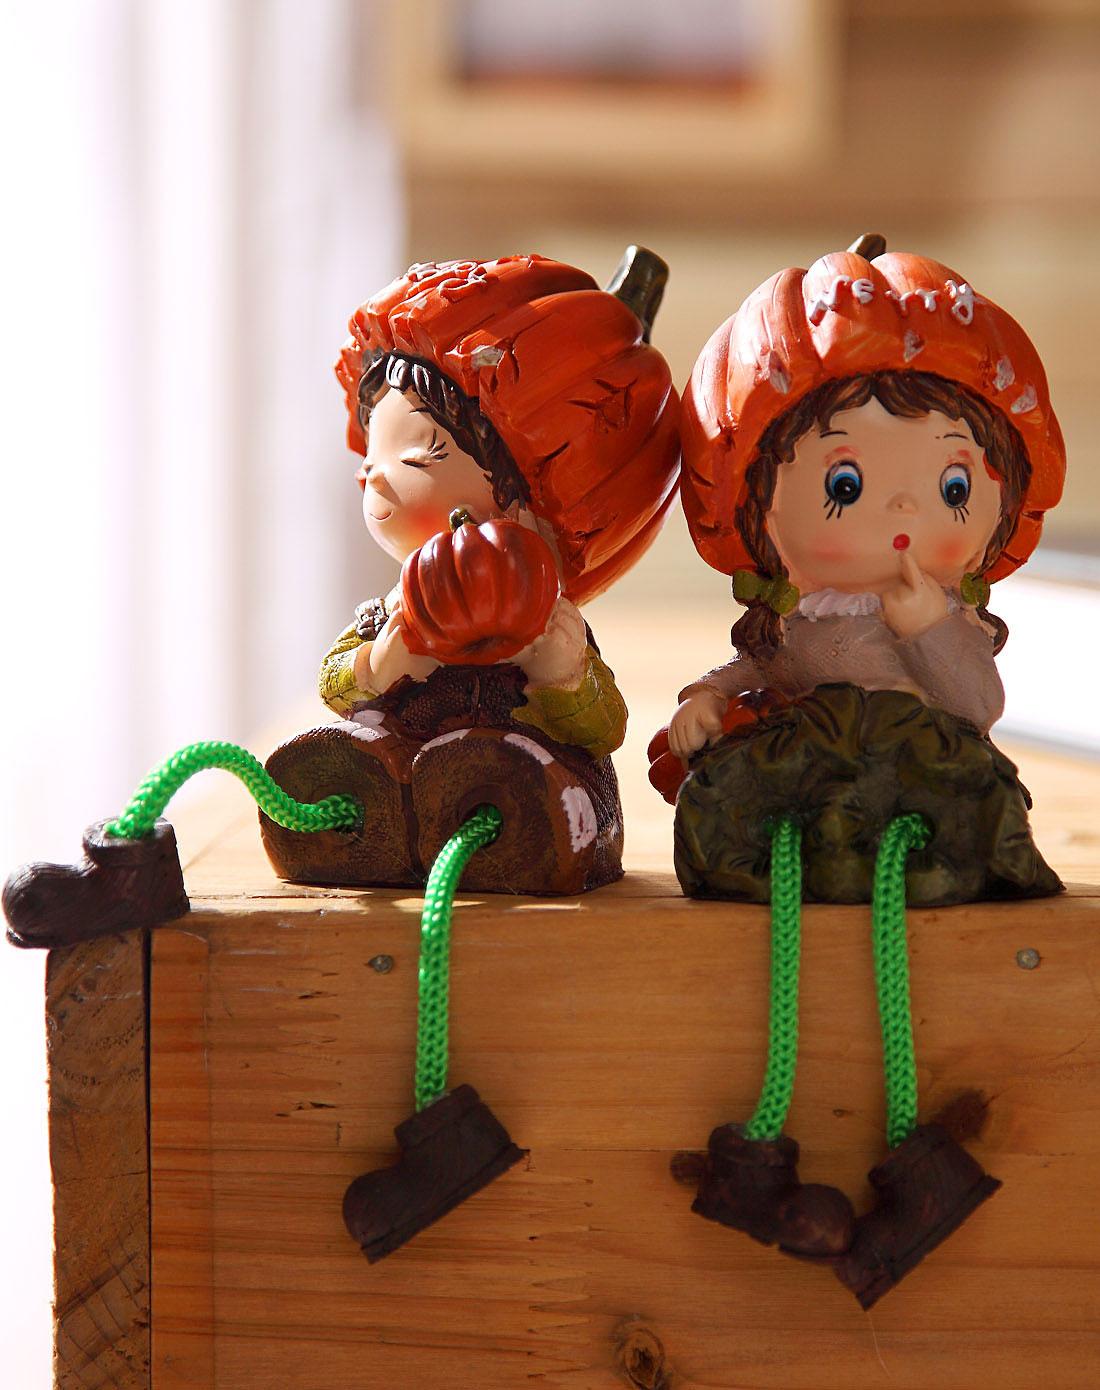 卡通树脂工艺摆件吊脚娃娃-南瓜娃娃